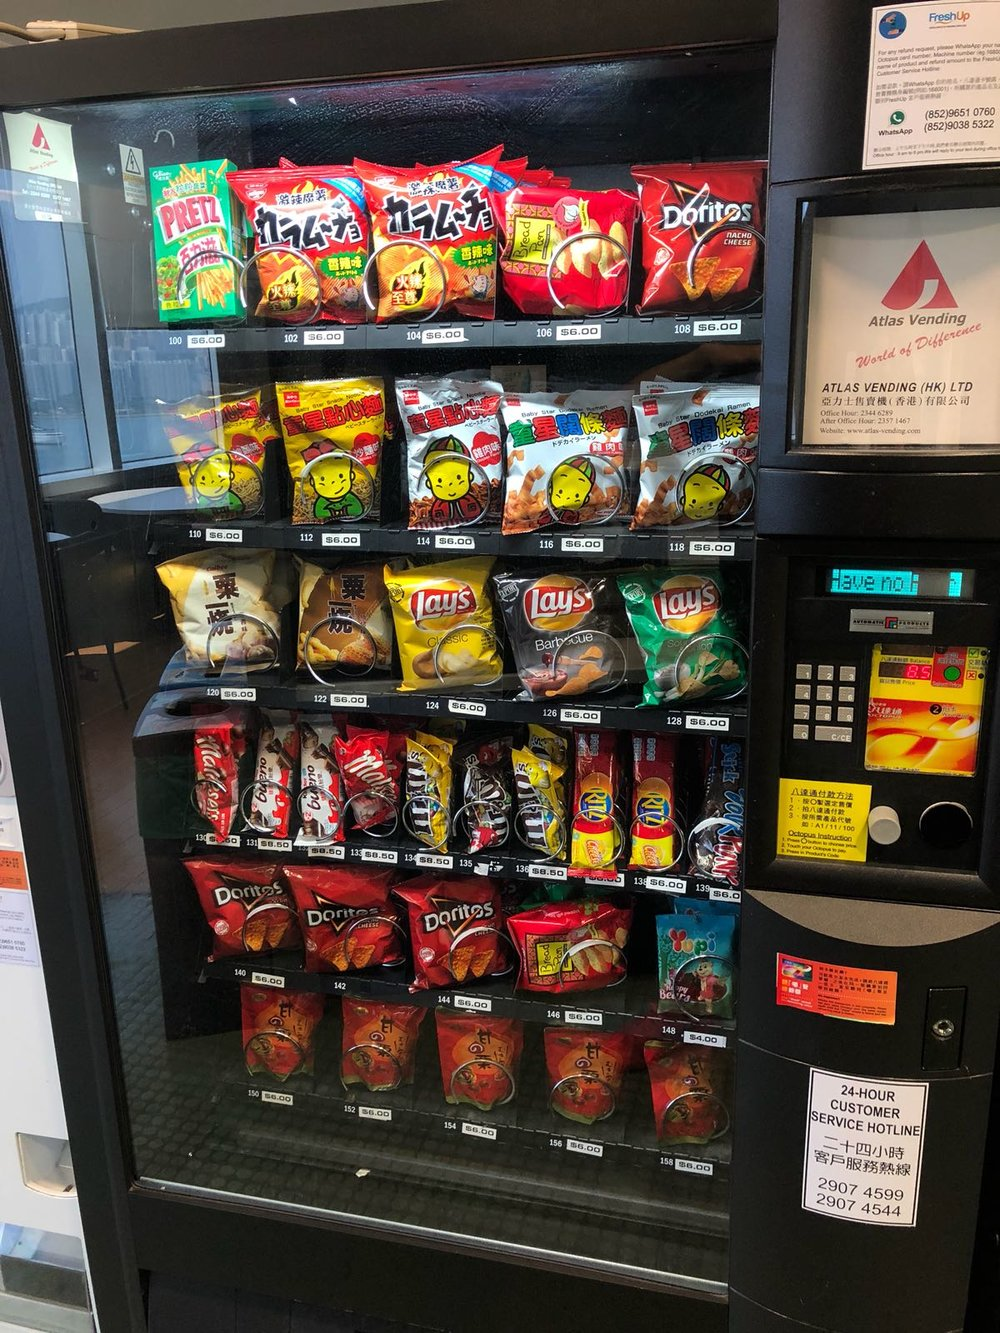 FreshUp,自動售賣機,自動販賣機,零食,飲品,方便,快捷,智能,企業,公司,信任,畢馬威